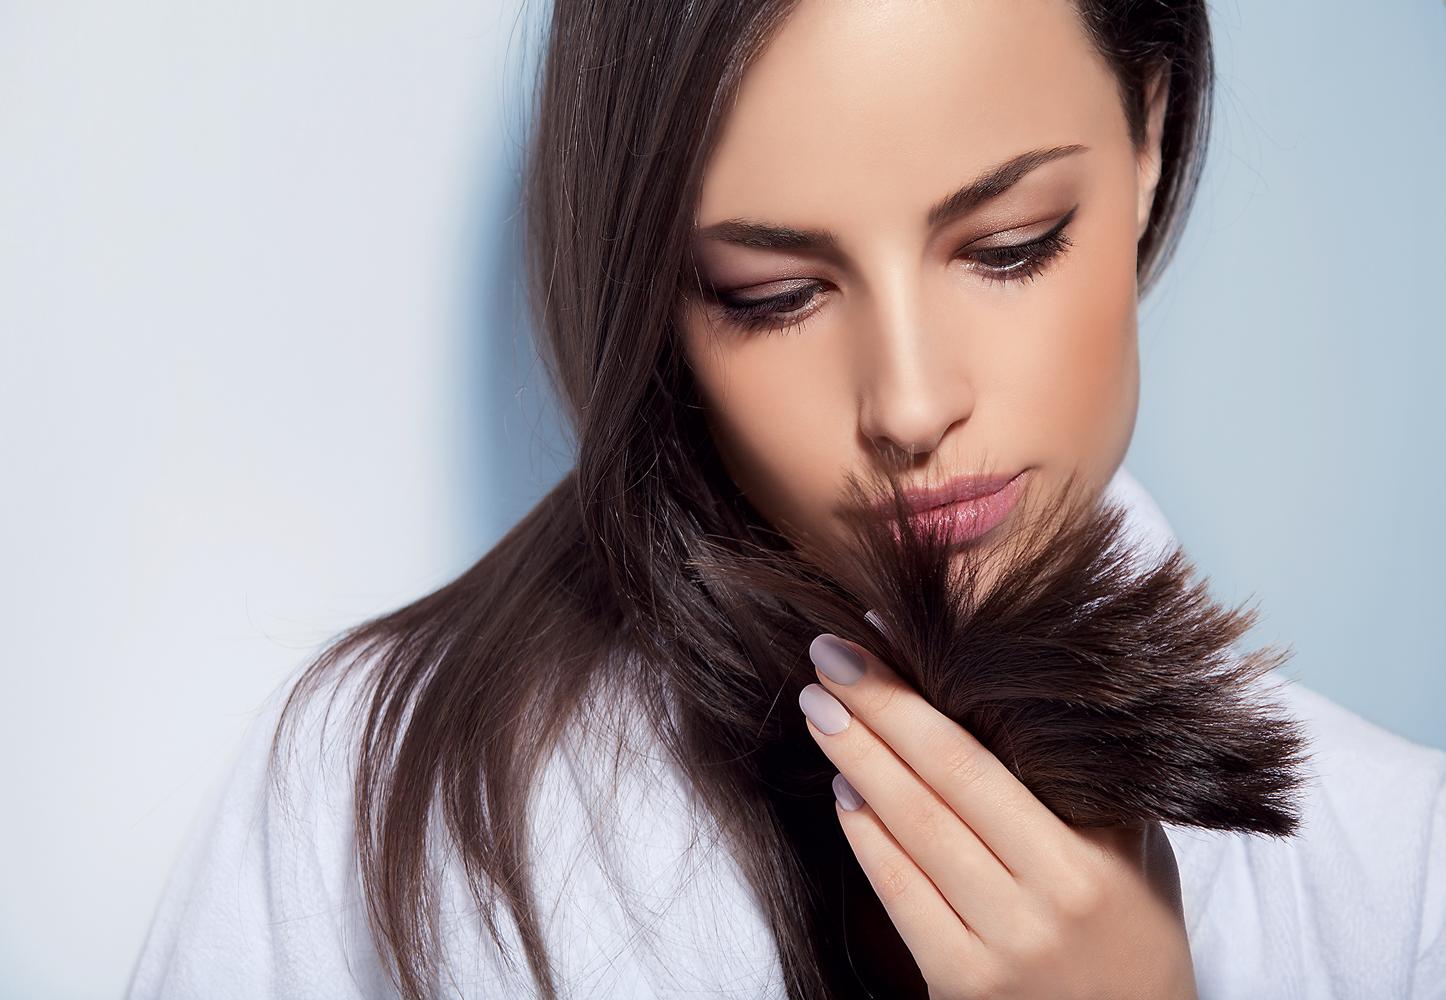 Неудачное окрашивание волос: как улучшить цвет